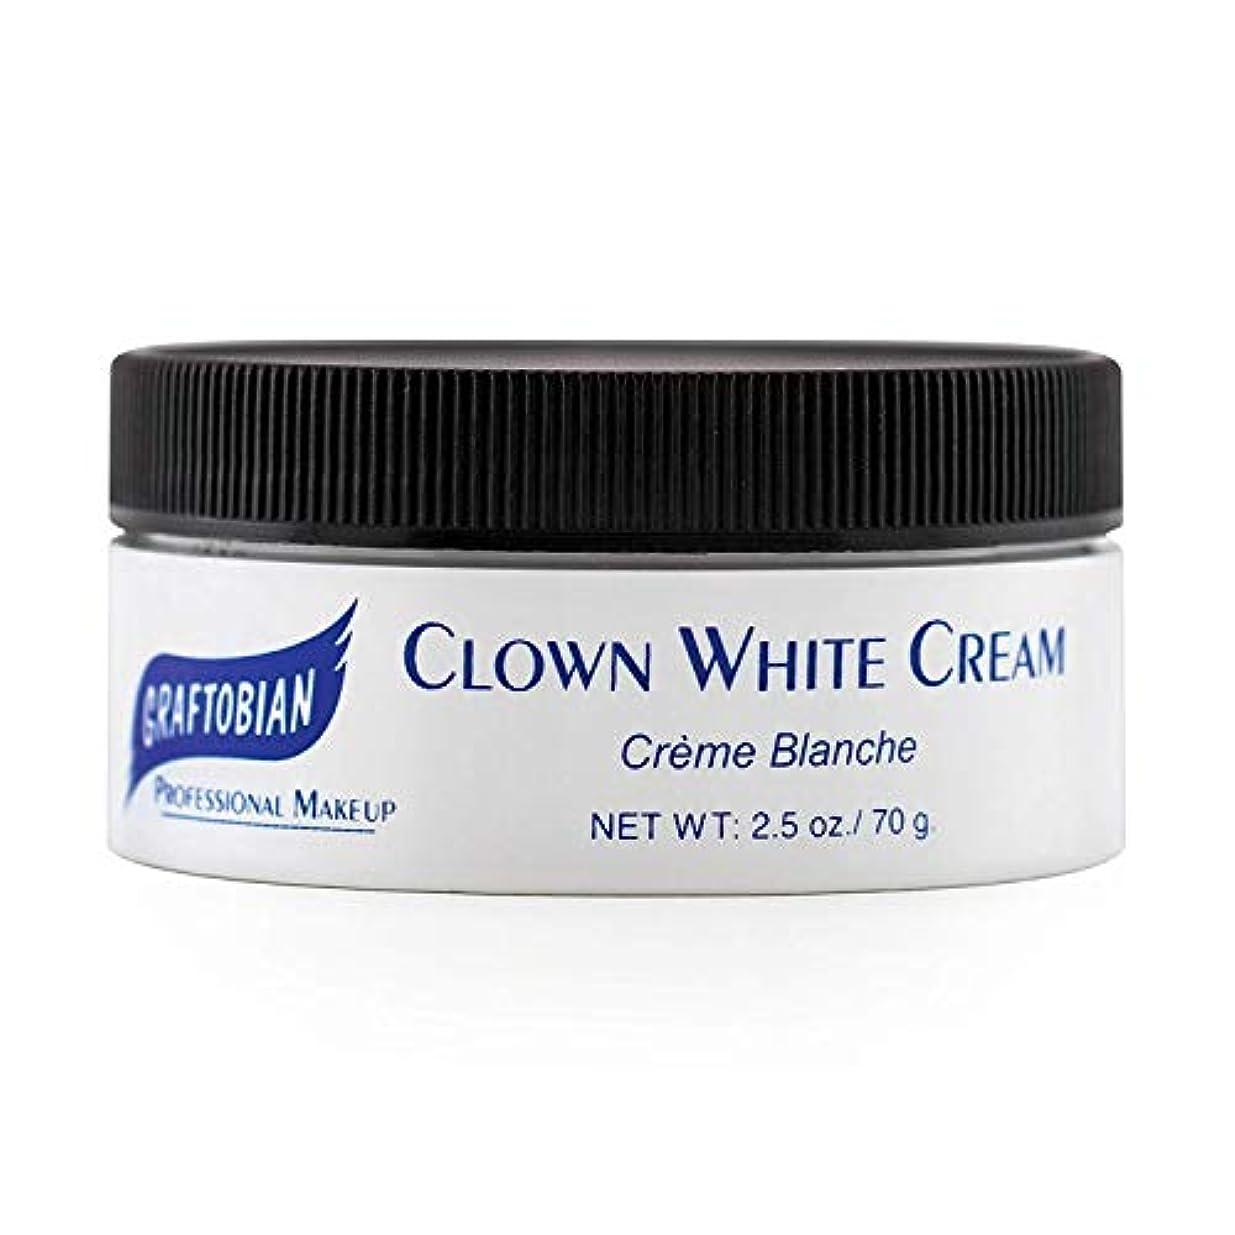 製品徐々に無許可Clown White Creme Foundation (2.5 oz.) ピエロホワイトクリームファンデーション(2.5オンス)?ハロウィン?クリスマス?2.5 oz.